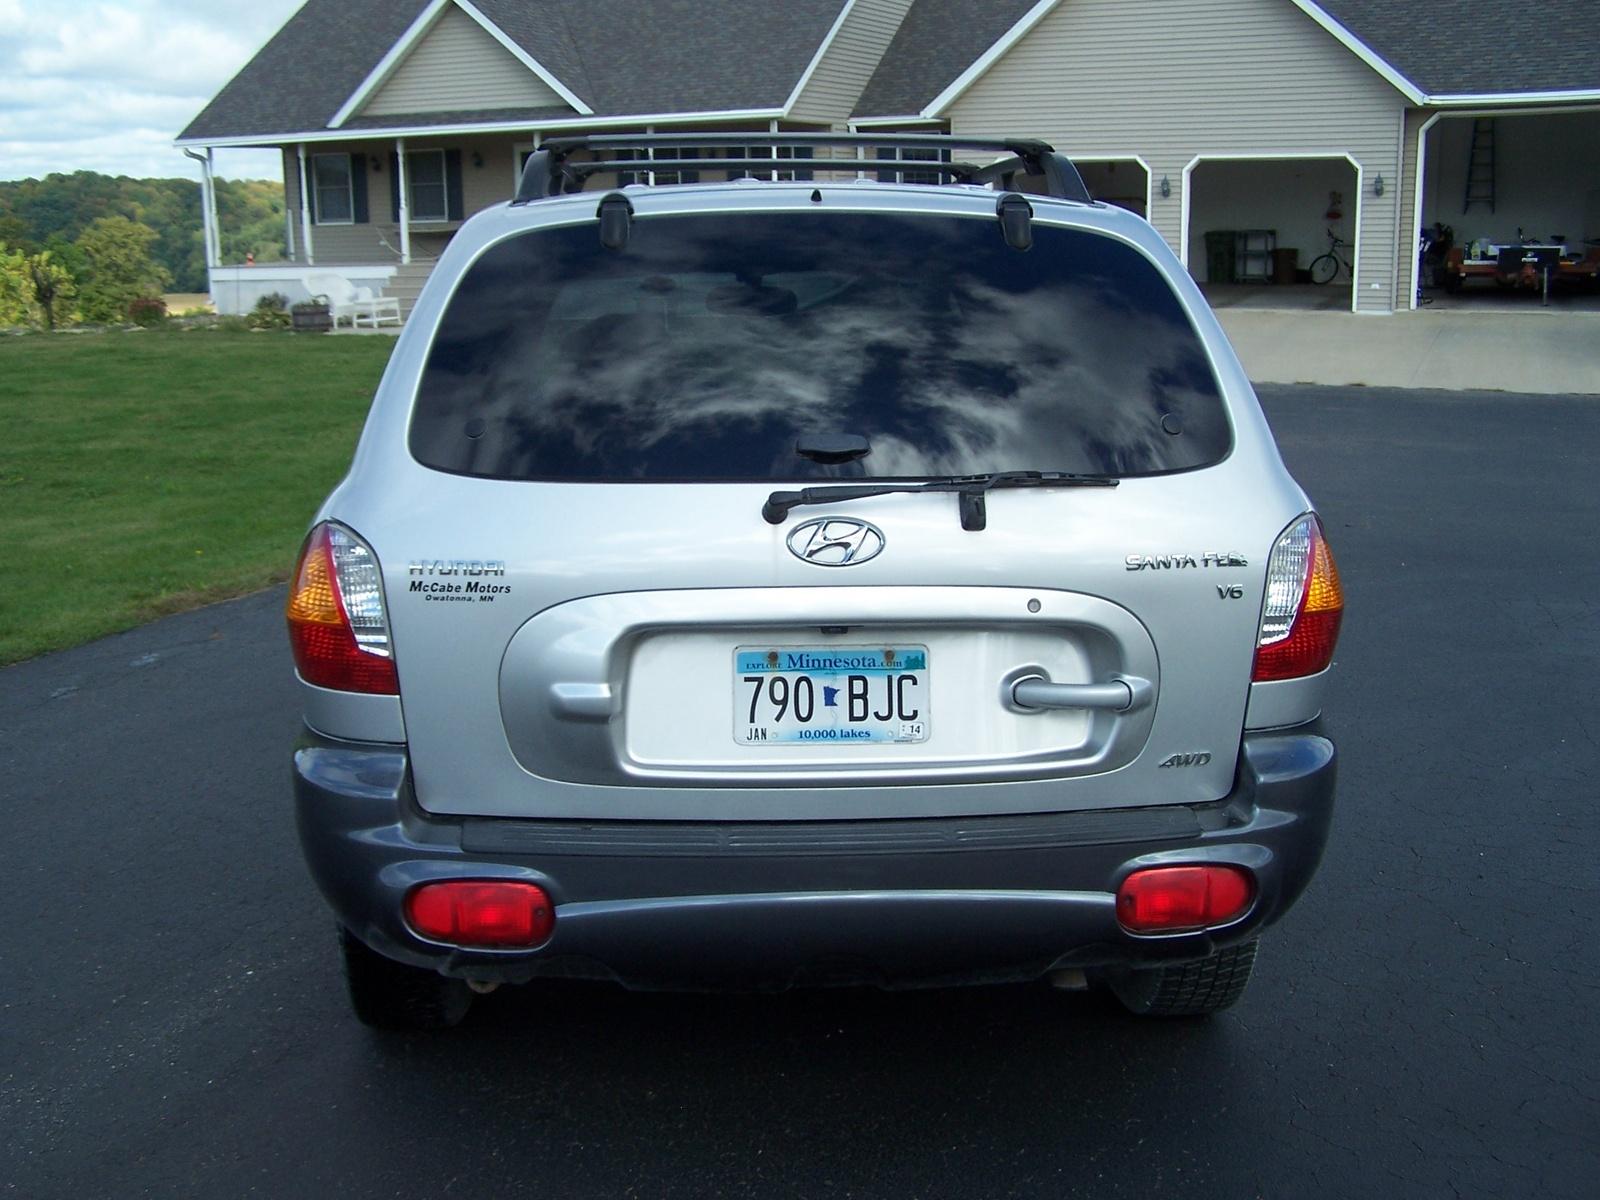 2003 Hyundai Santa Fe Exterior Pictures Cargurus